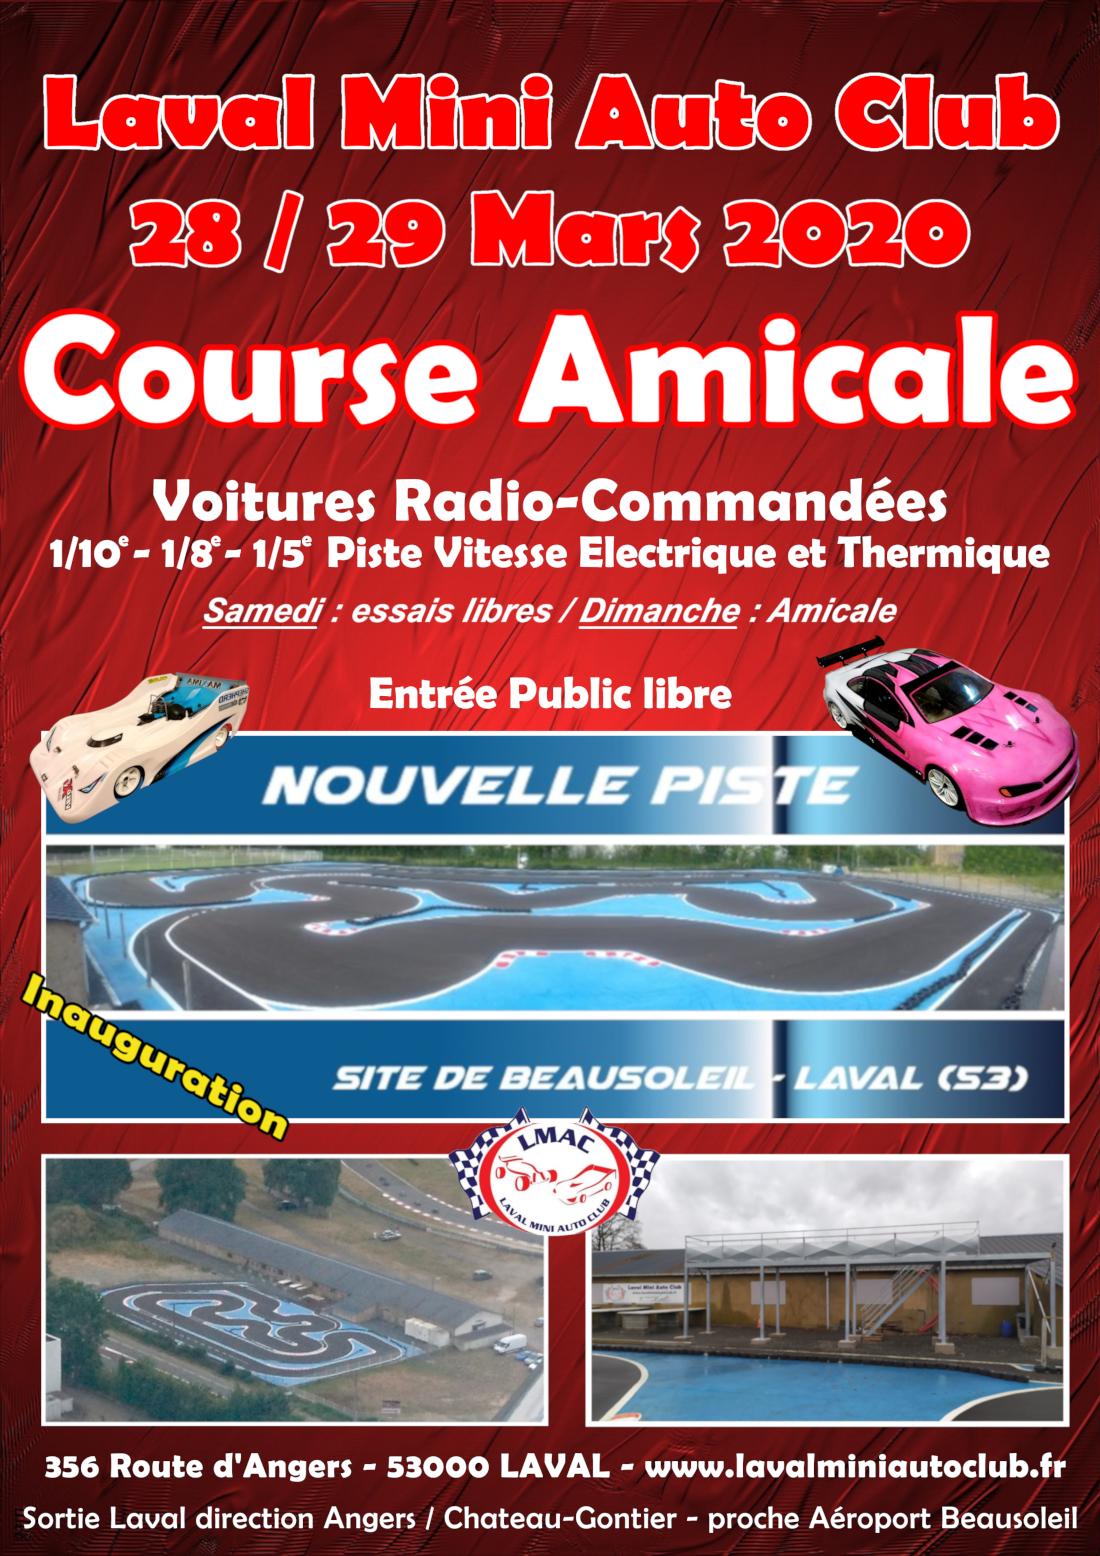 Affiche Amicale LMAC - 2ç mars 2020